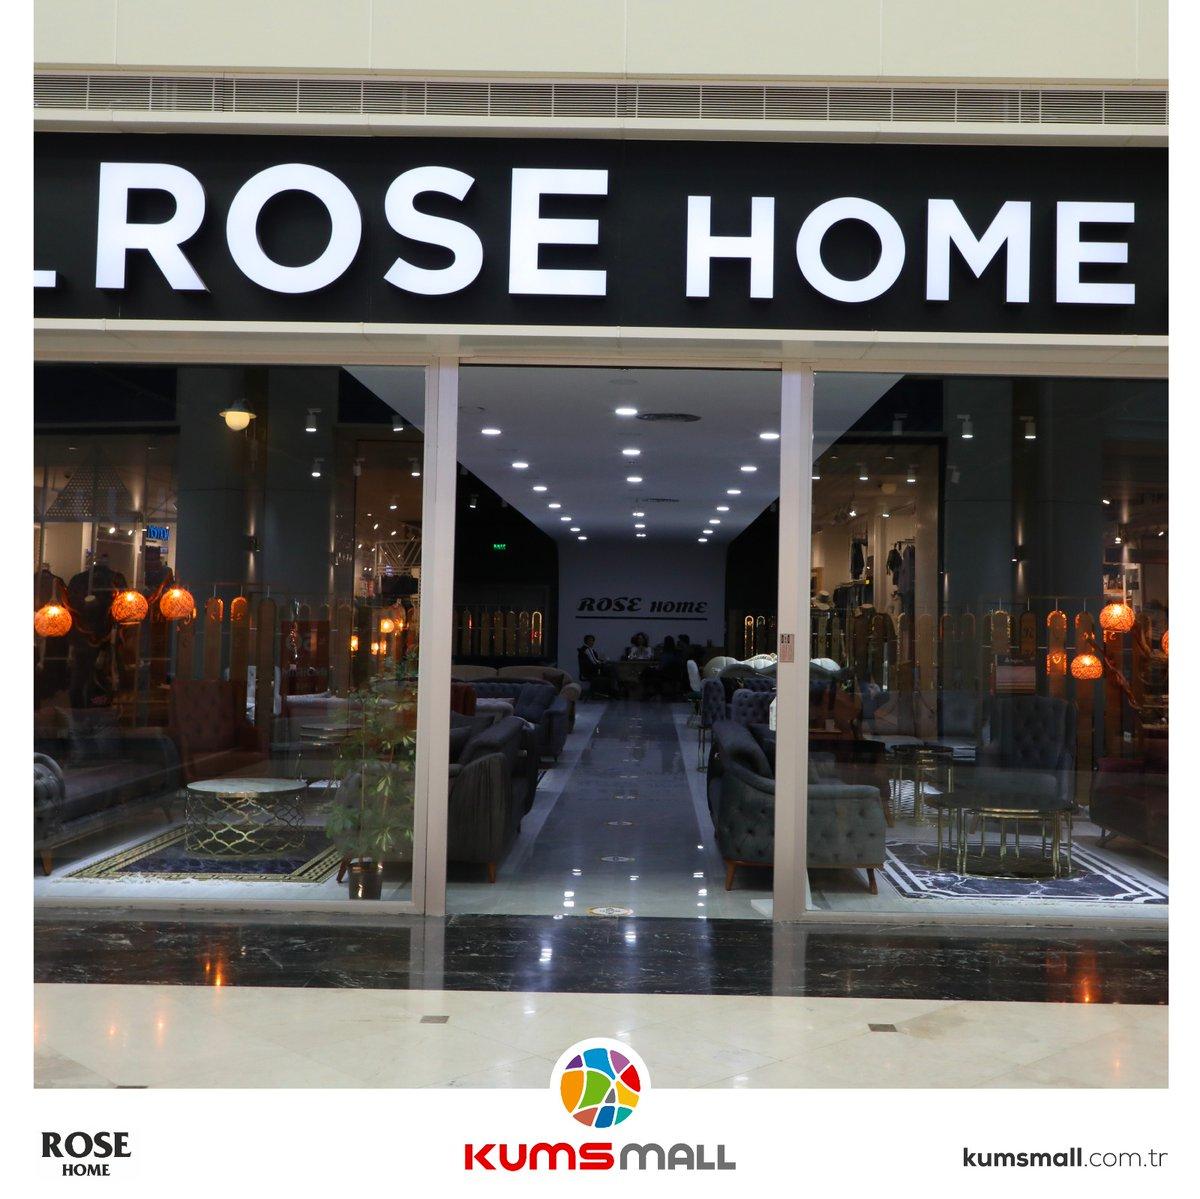 Evini yenilecekleri buraya alalım her renk ve model mobilyalar Kumsmall Rose Home mağazasında sizi bekliyor.  #kumsmall #kumsmallavm #mobilya #mobilyaavm #furniture #dekorasyon #özeltasarım #home #family #kalite #koltuk #yemekodası #eğlence #otopark #mağaza #avrupa #türkiye